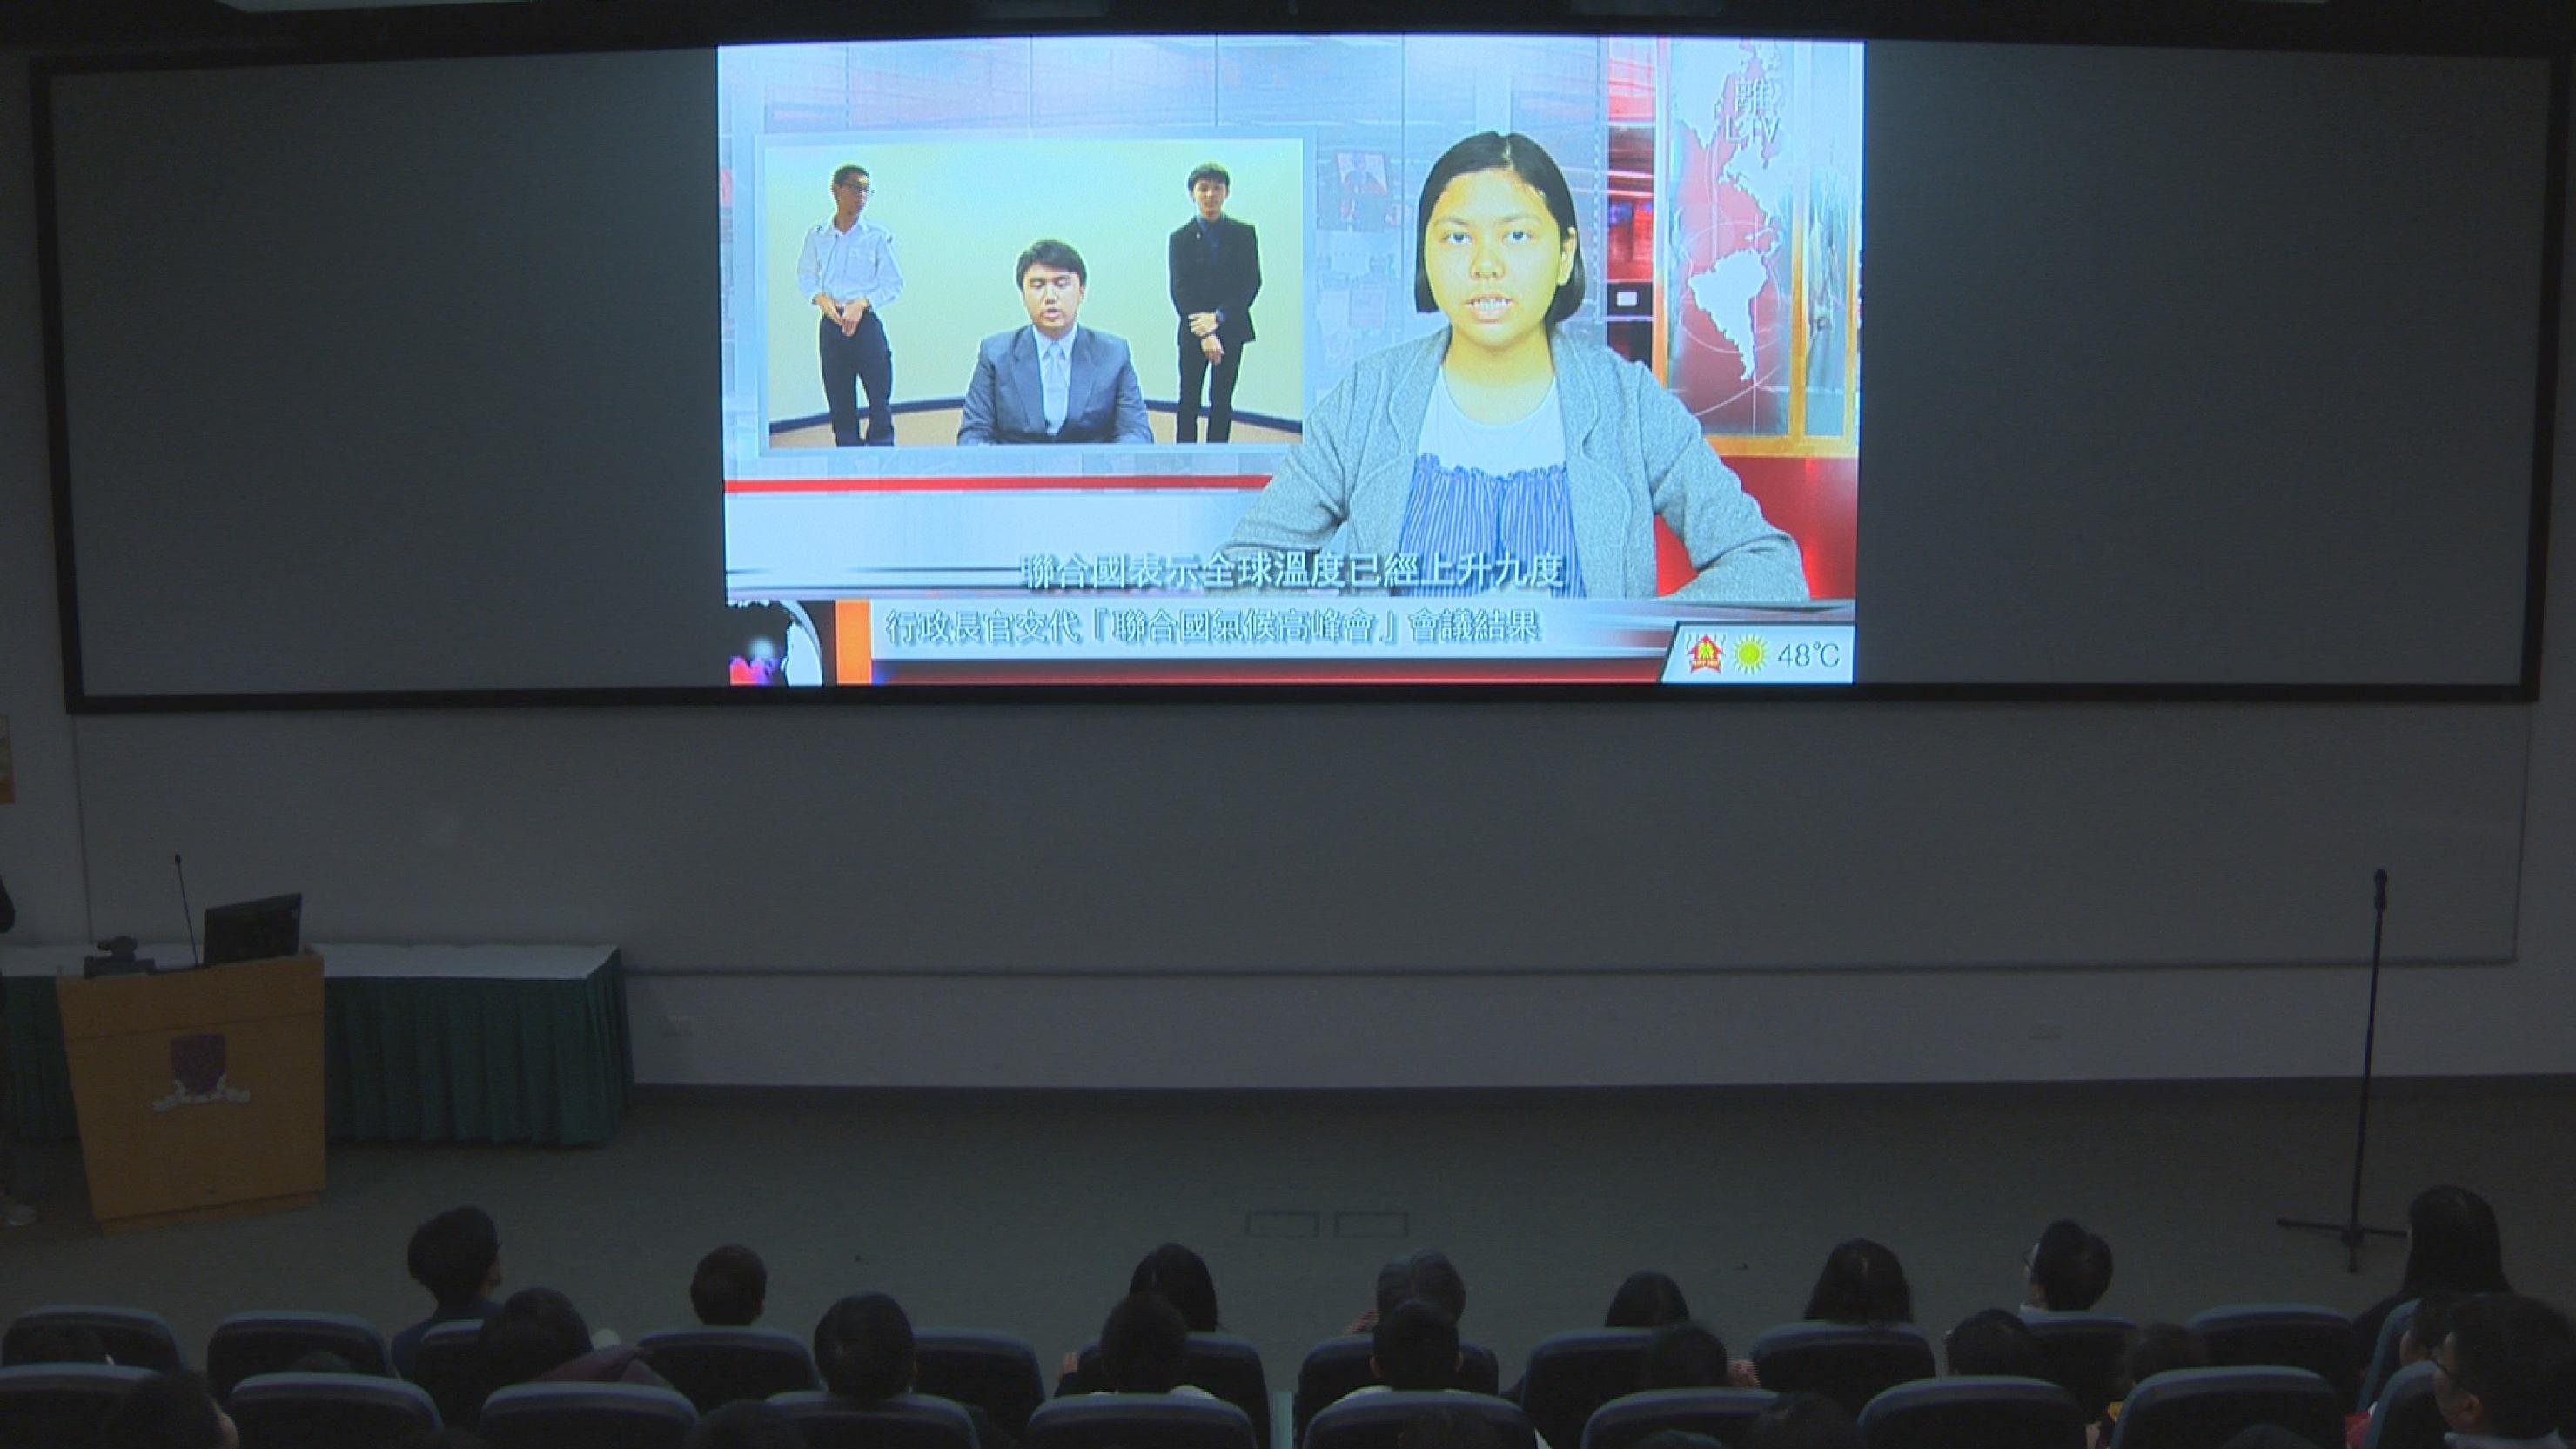 觀眾欣賞中學生組冠軍作品。